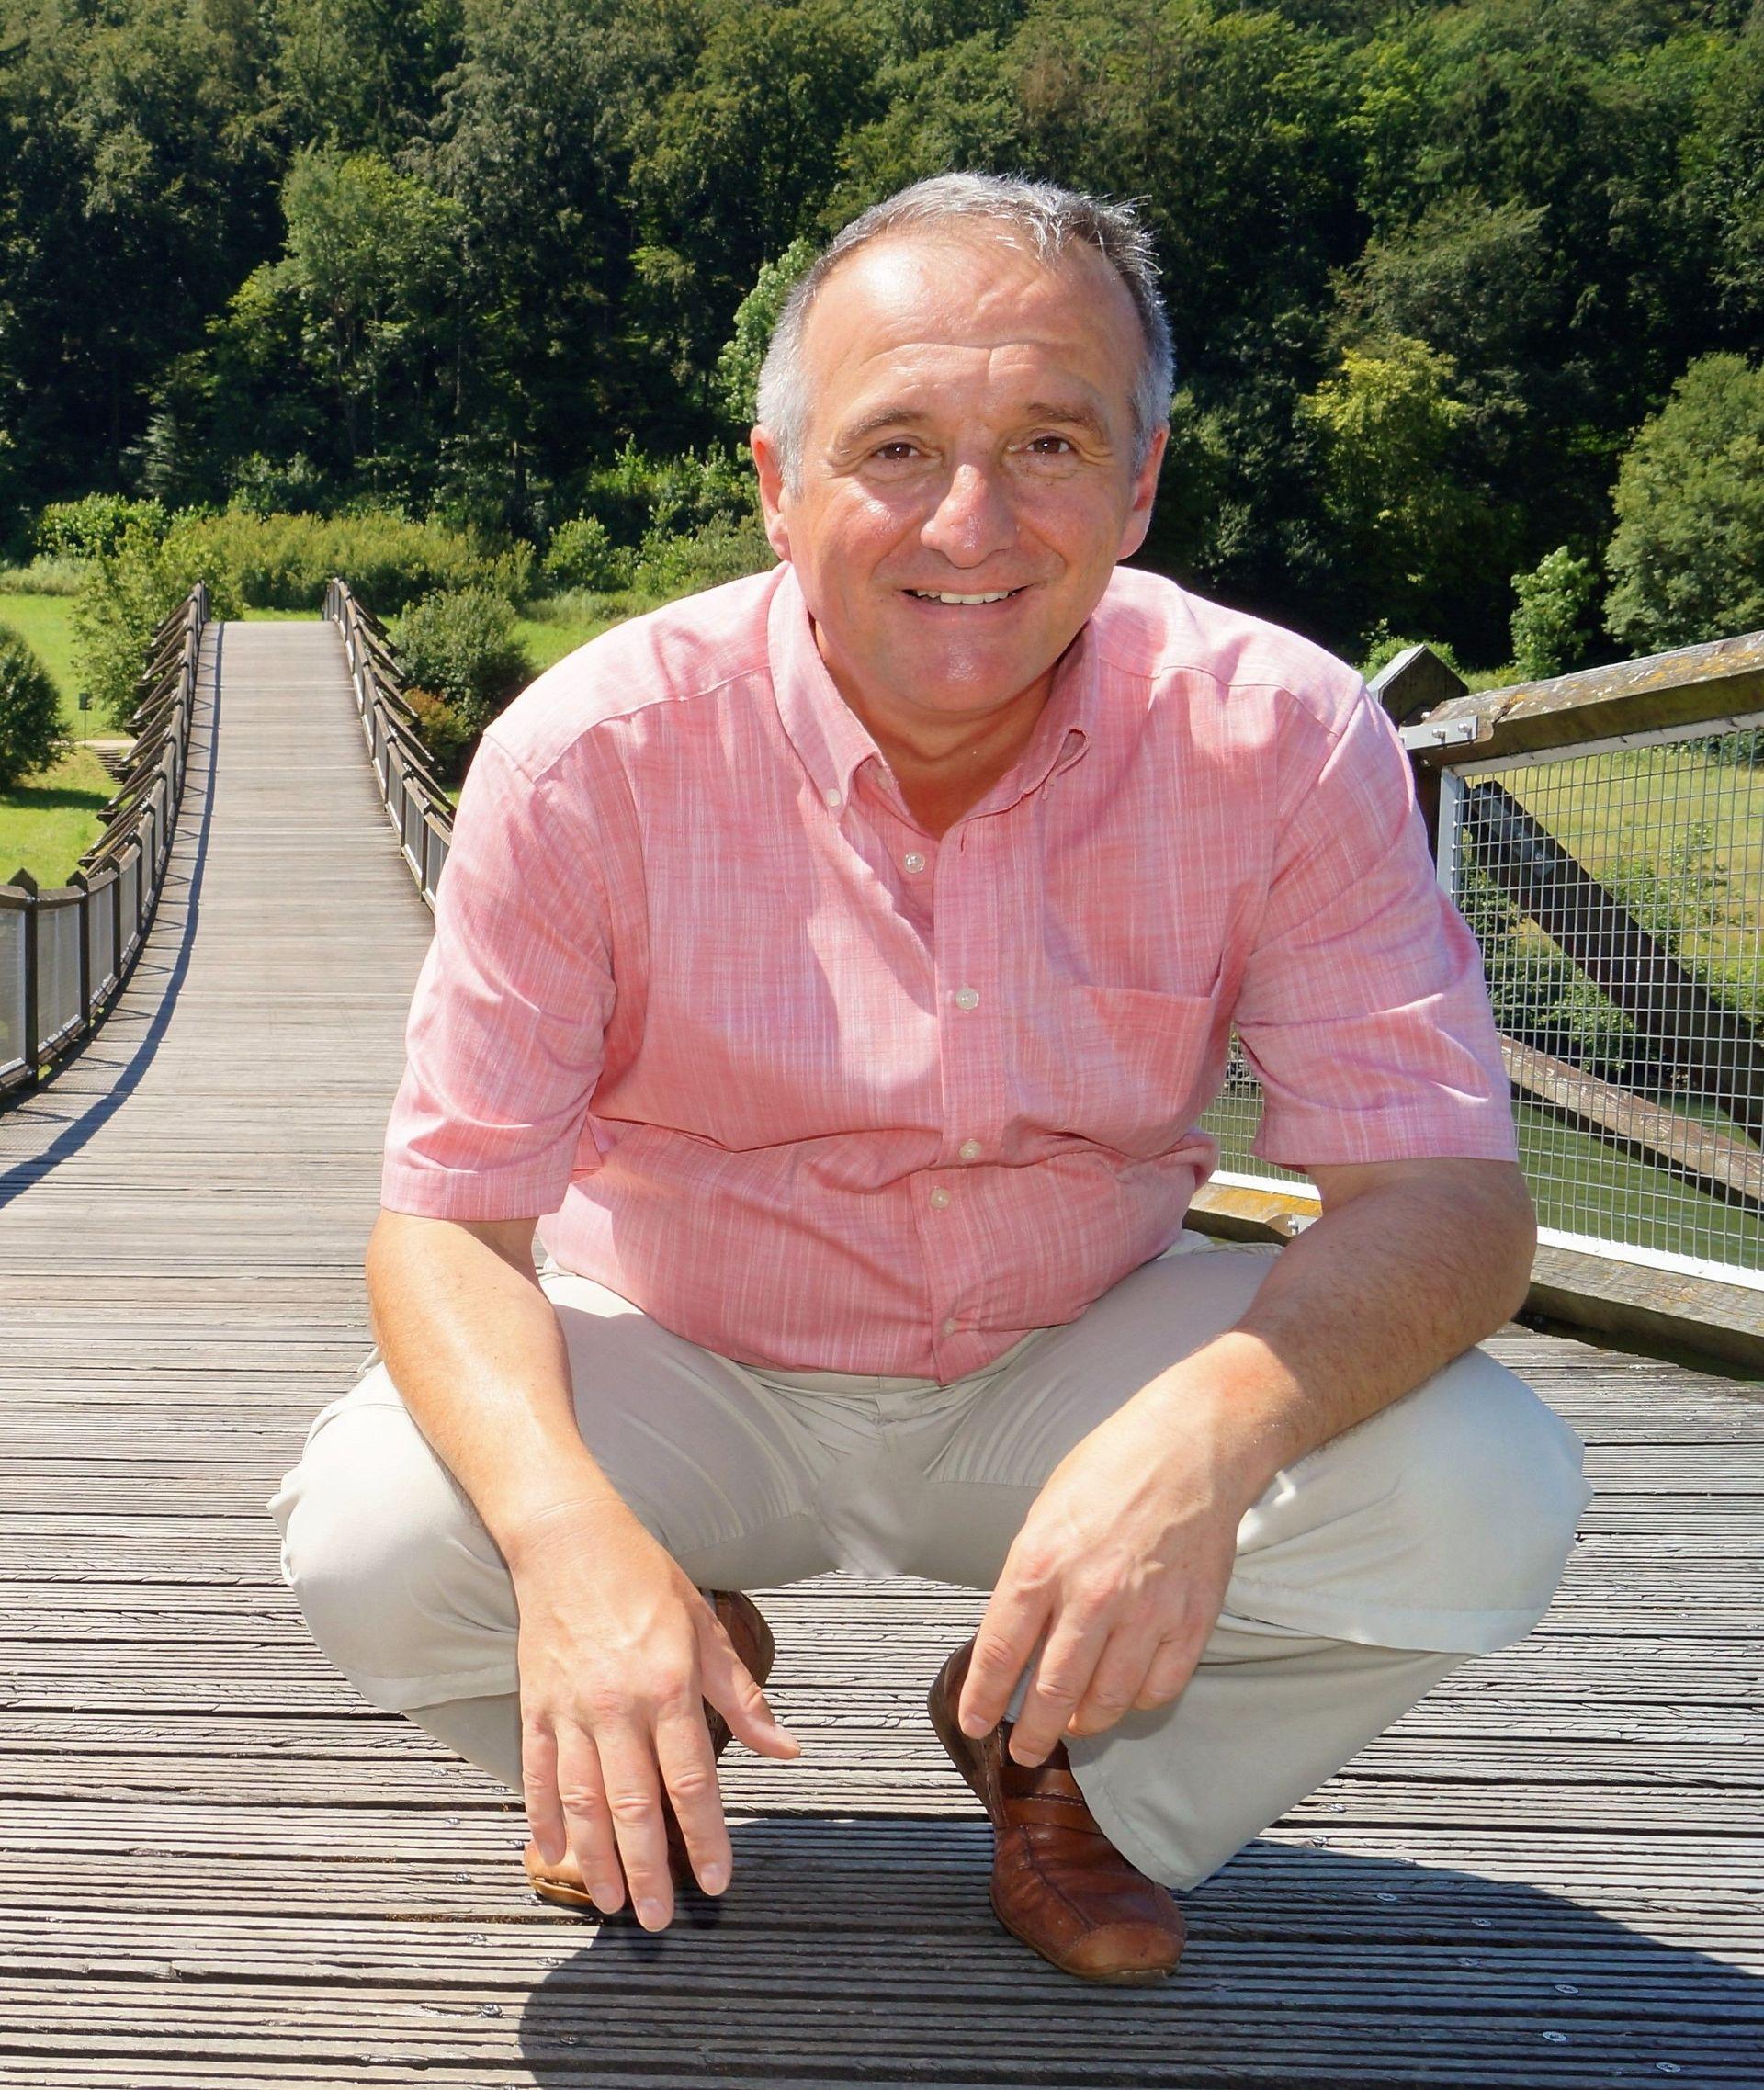 Andreas Grünbeck - Grünbeck Andreas